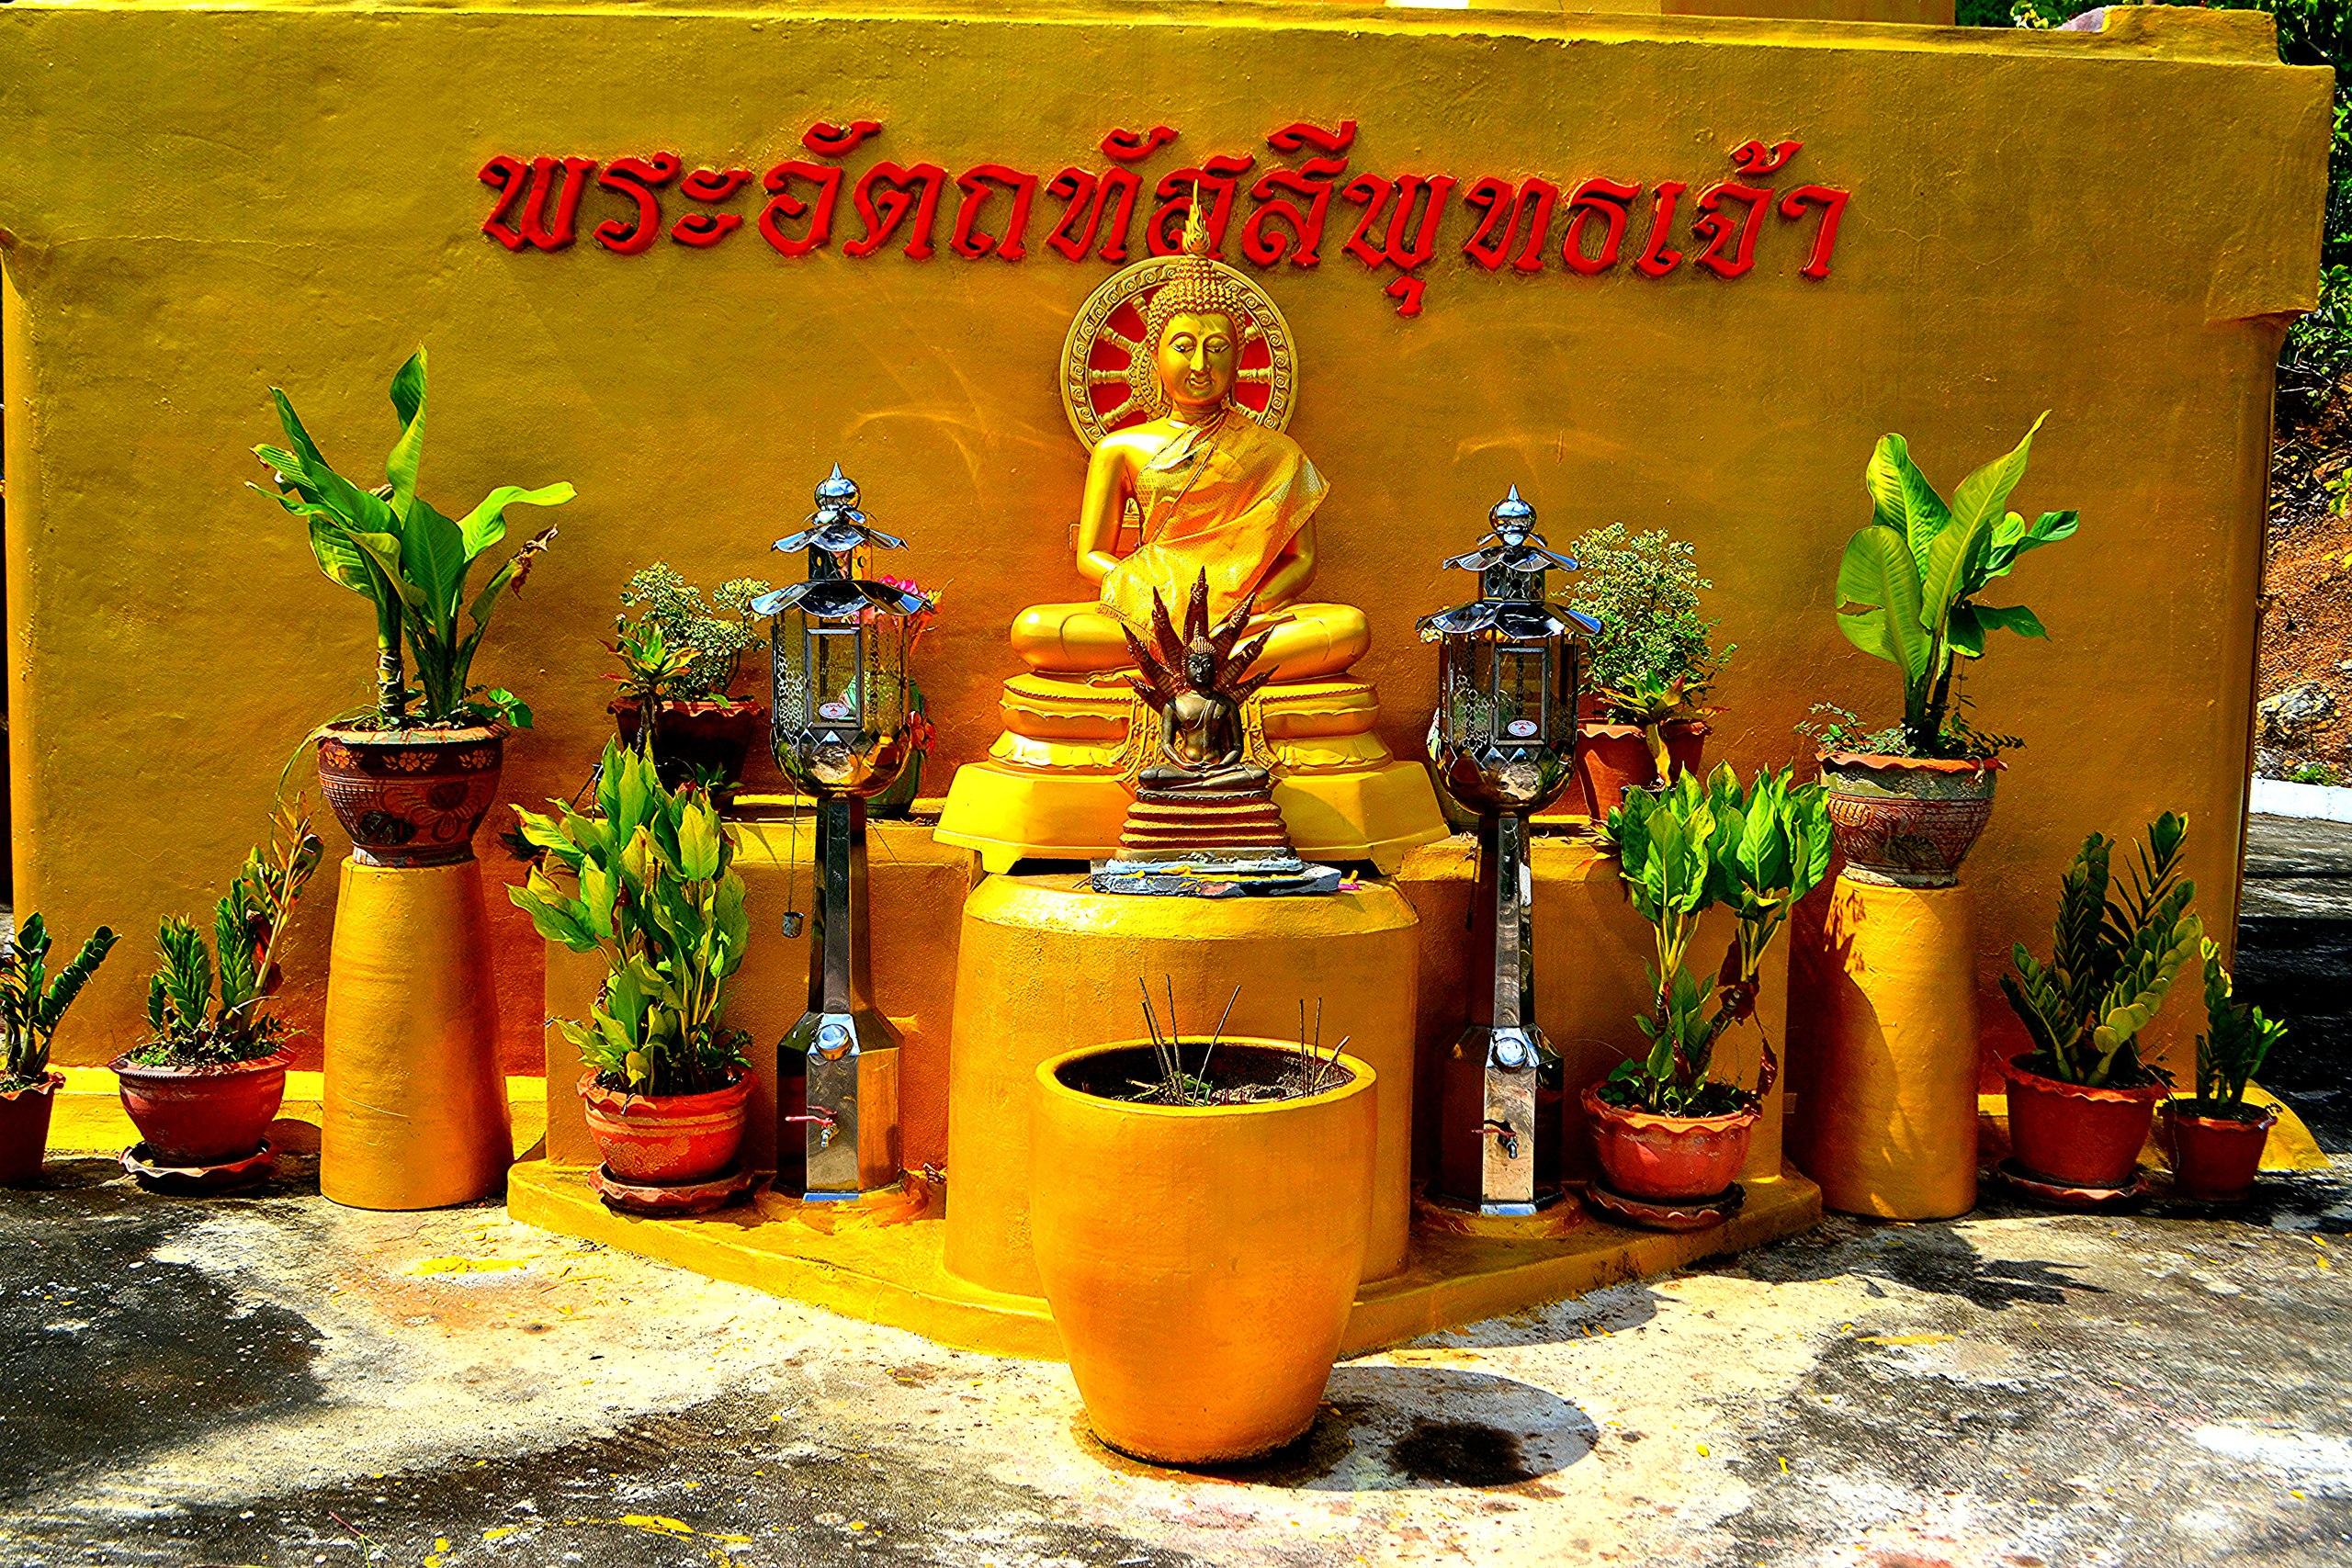 Елена Руденко (Валтея). Таиланд. Буддийский храм в горах. HBYQNyHI5Qg